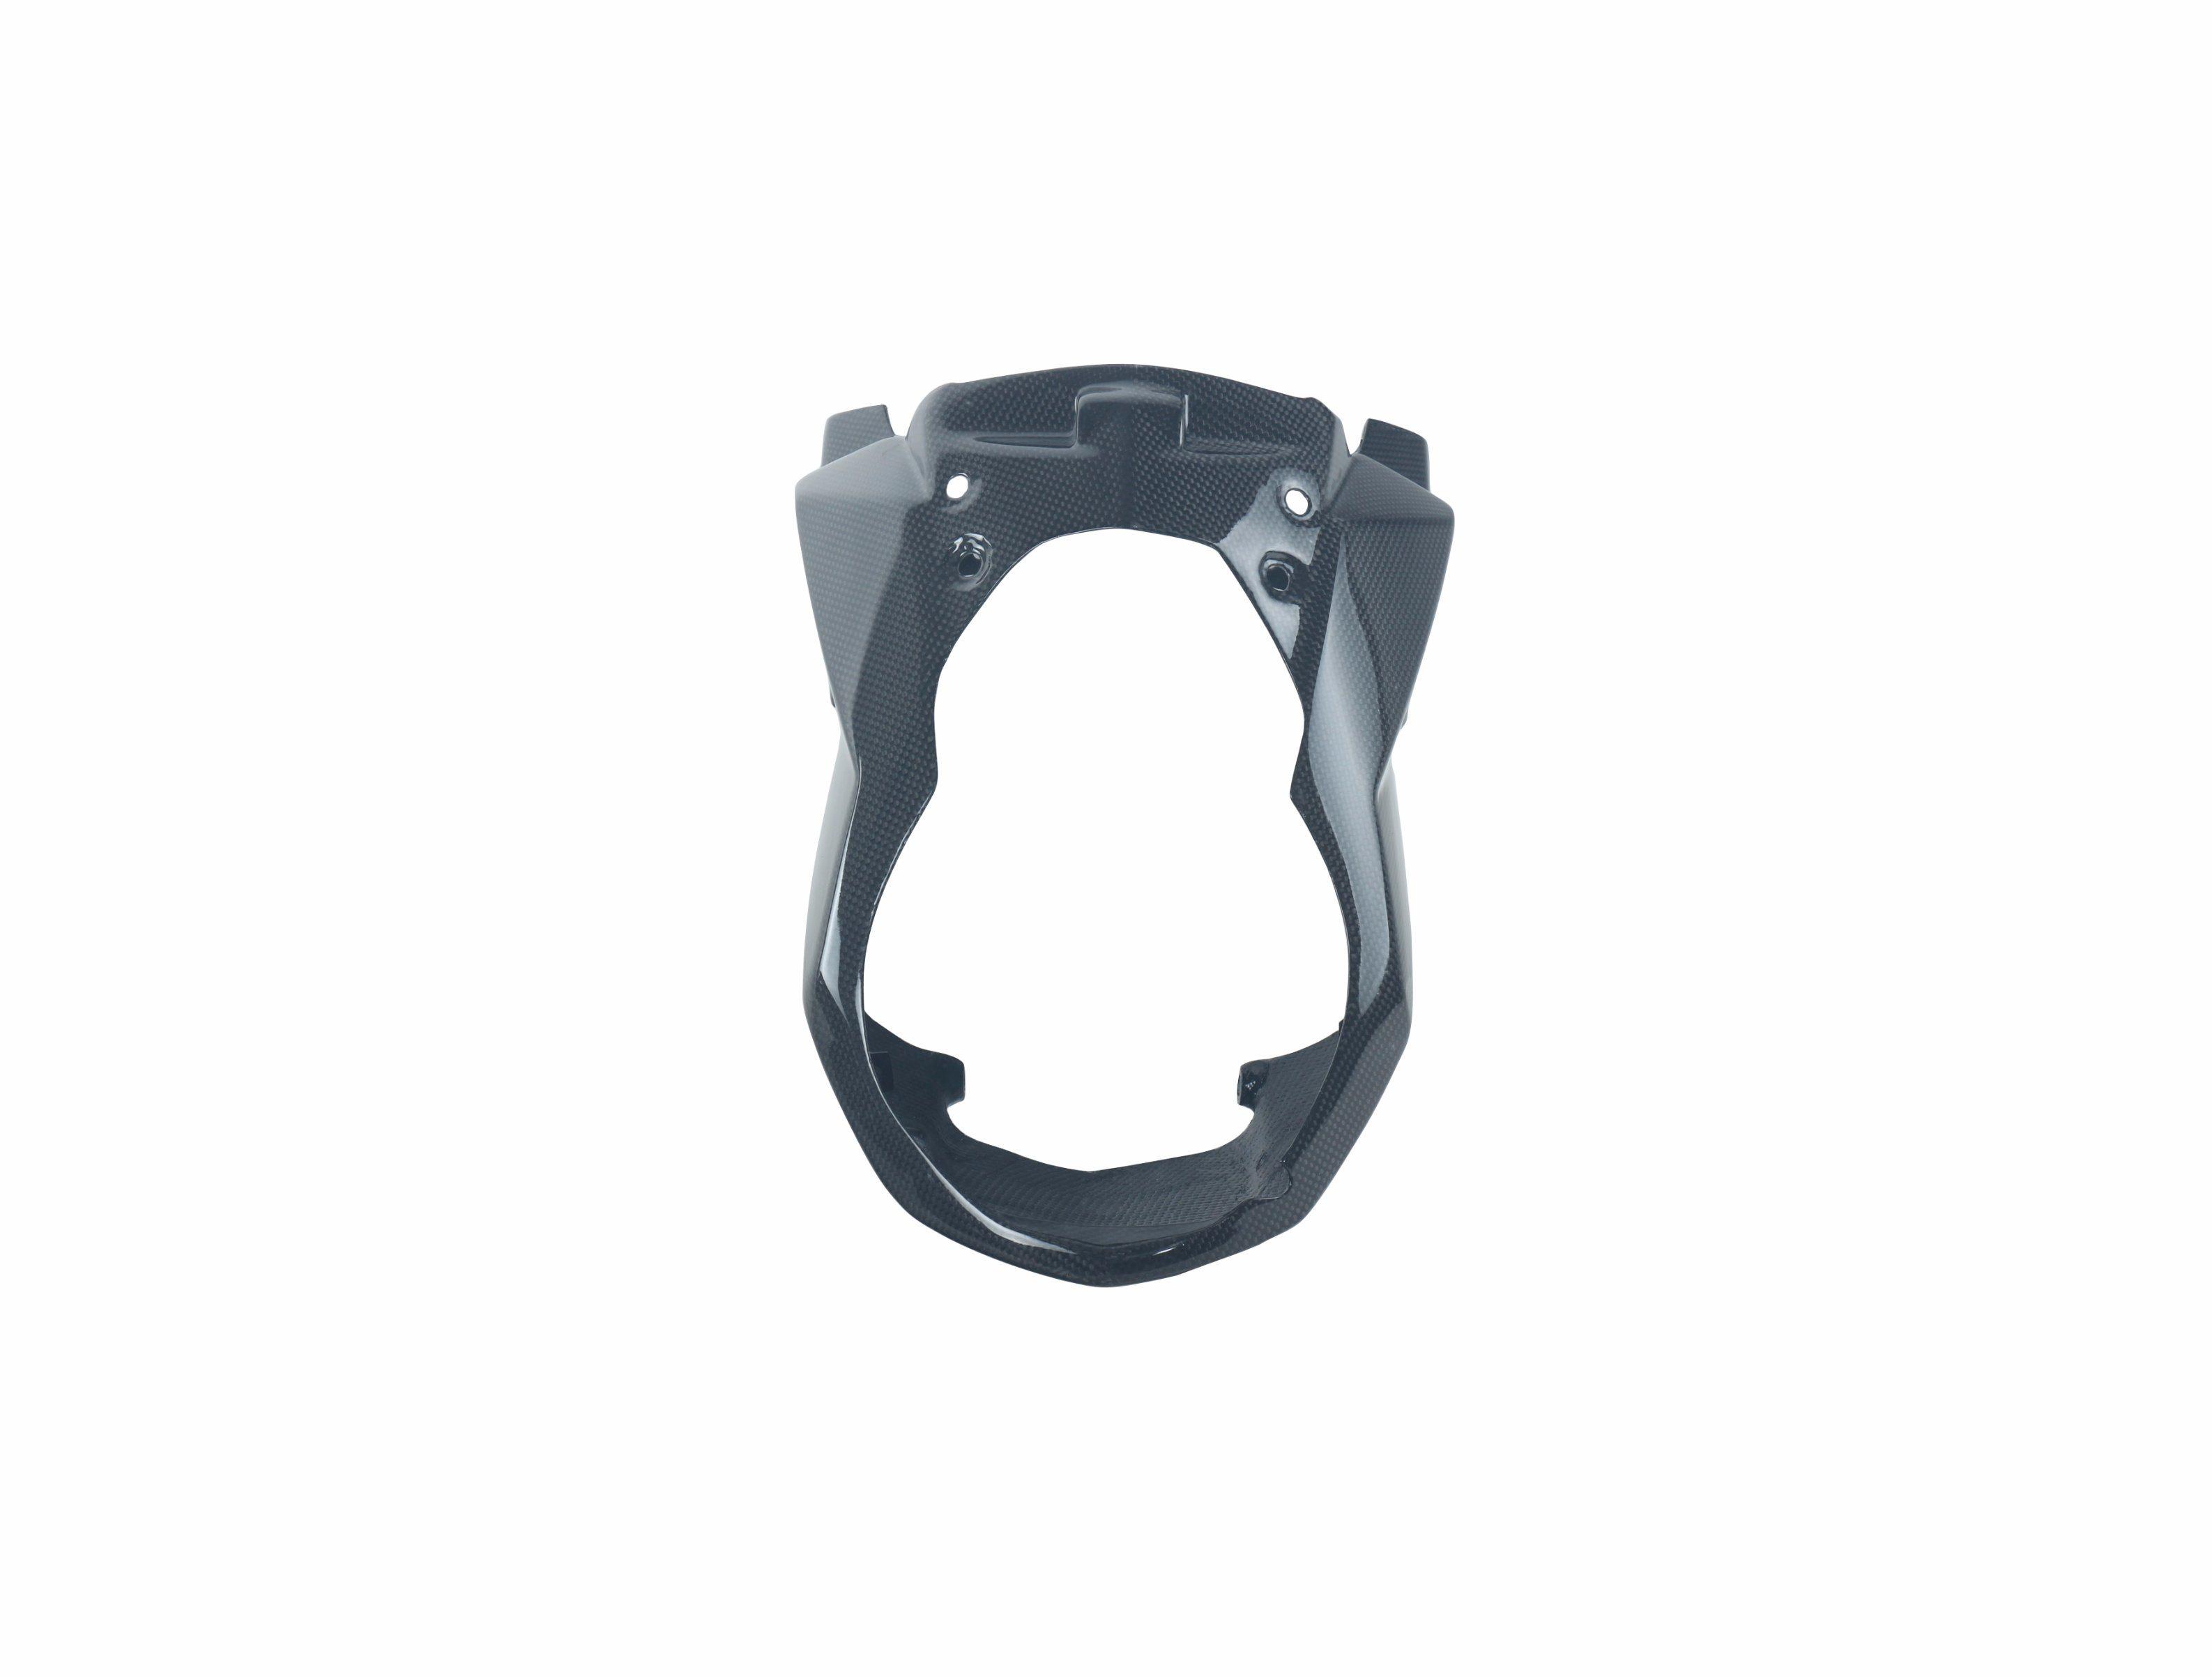 Carbon Fiber Motorcycle Front Mask for Ktm Superduke / R 990